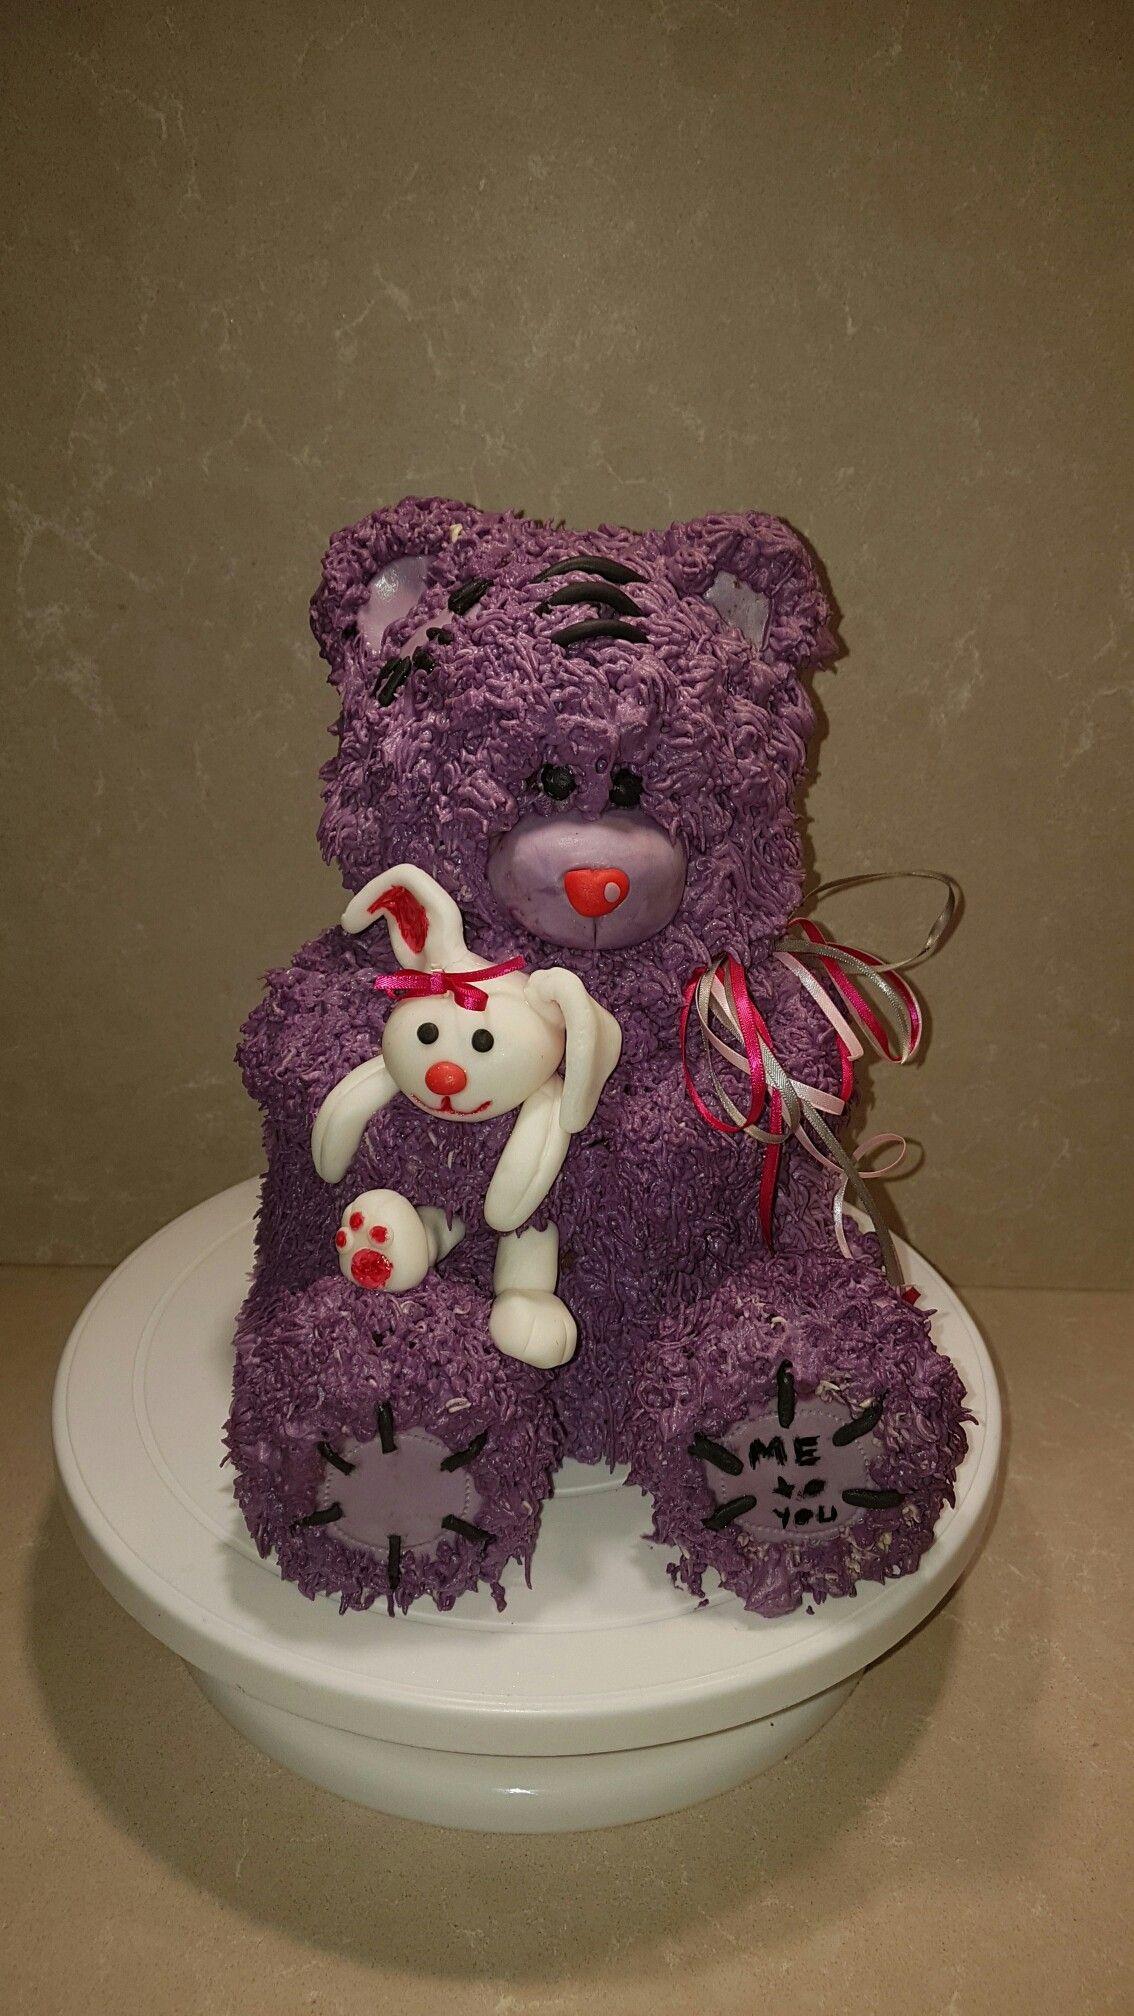 Motivtorte 3D Teddycake Teddybär Teddy Bear Fondant Hase Buttercreme